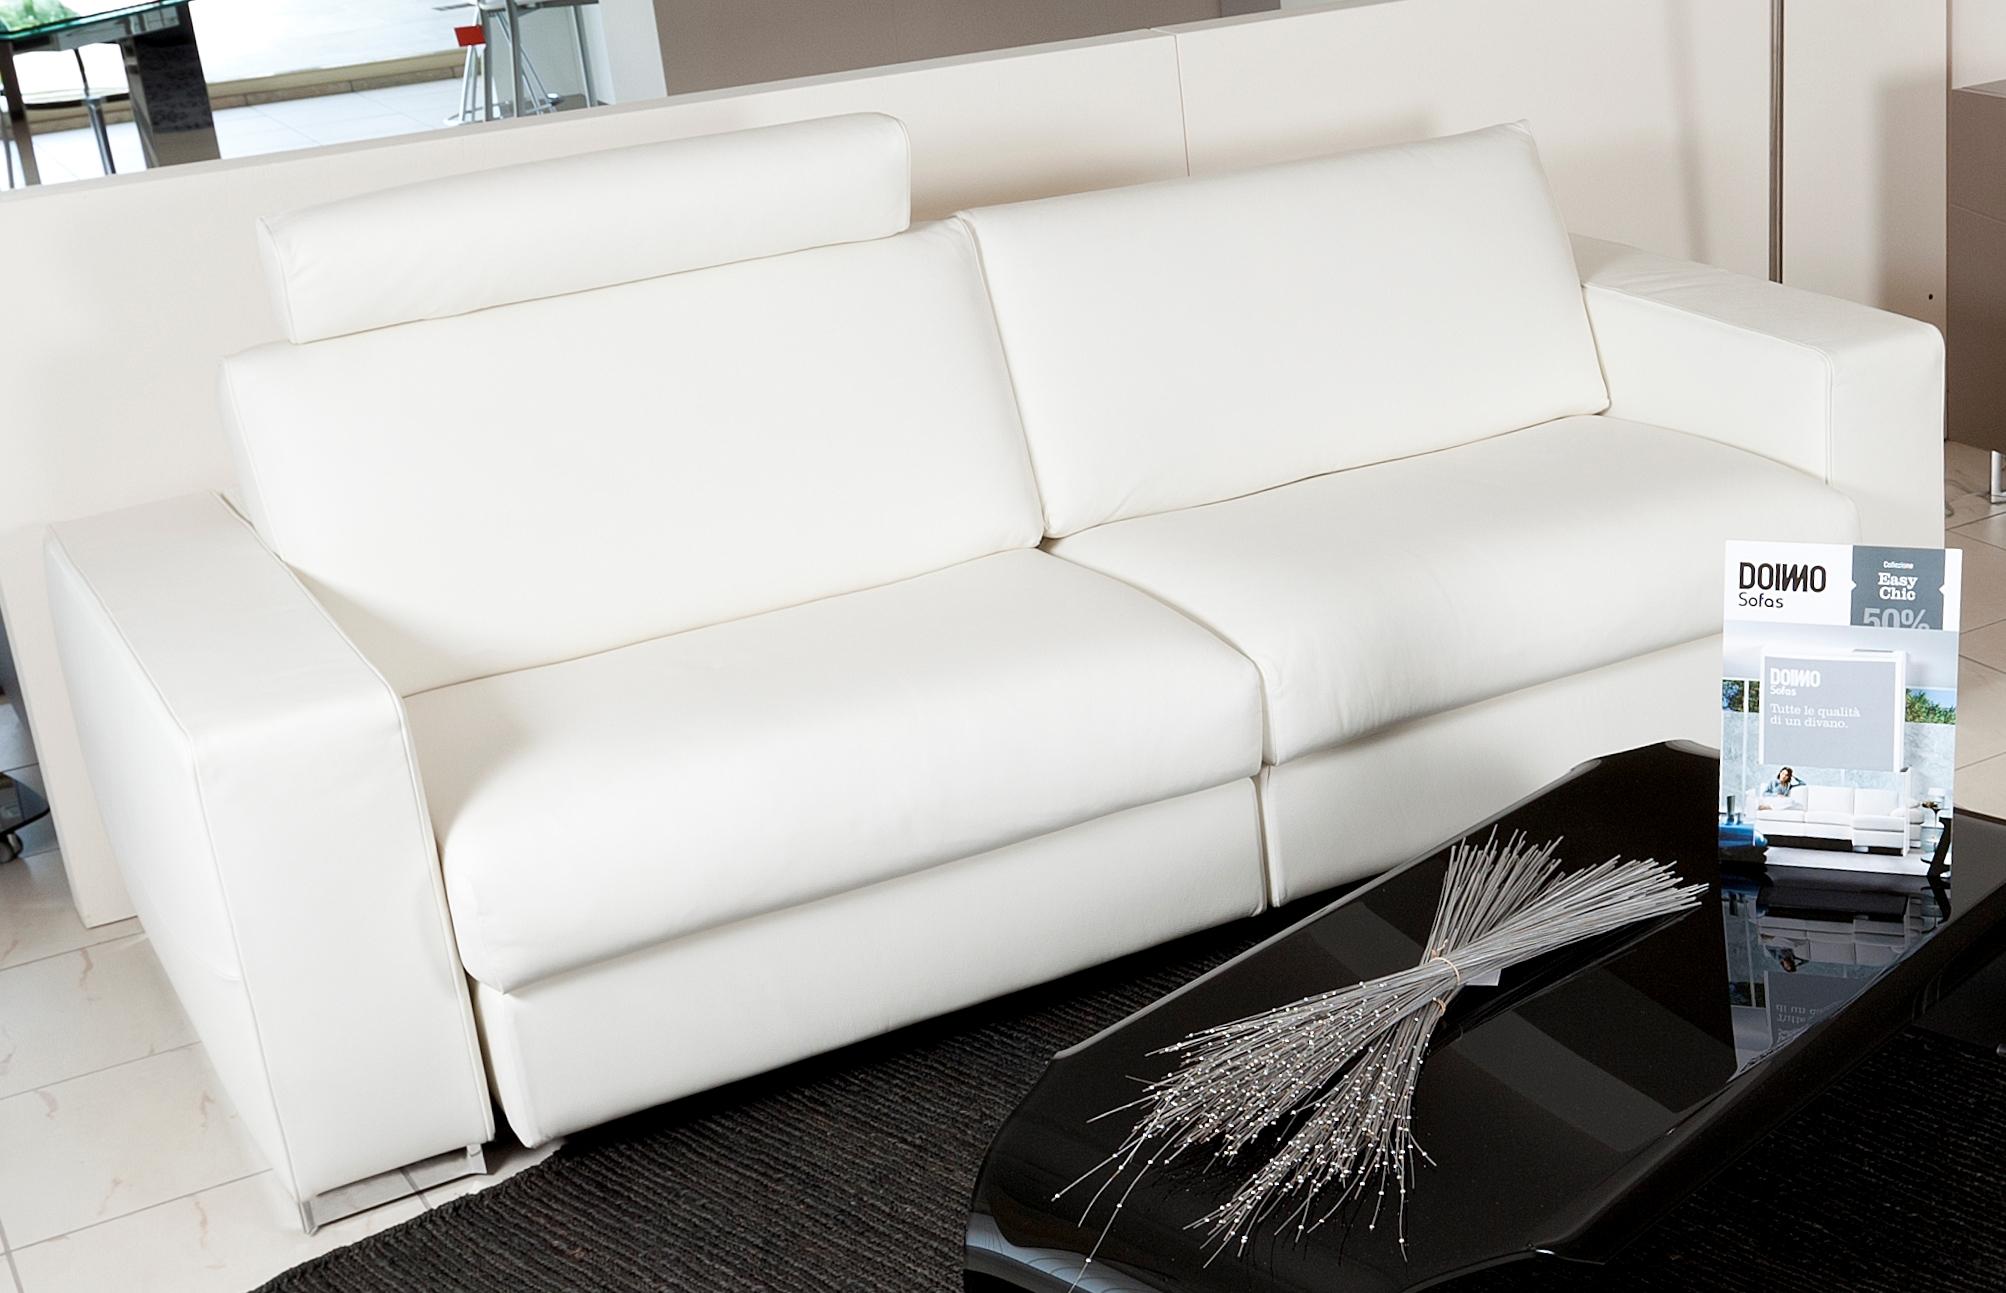 Divano doimo sofas offerta 14417 divani a prezzi scontati for Sofa divano